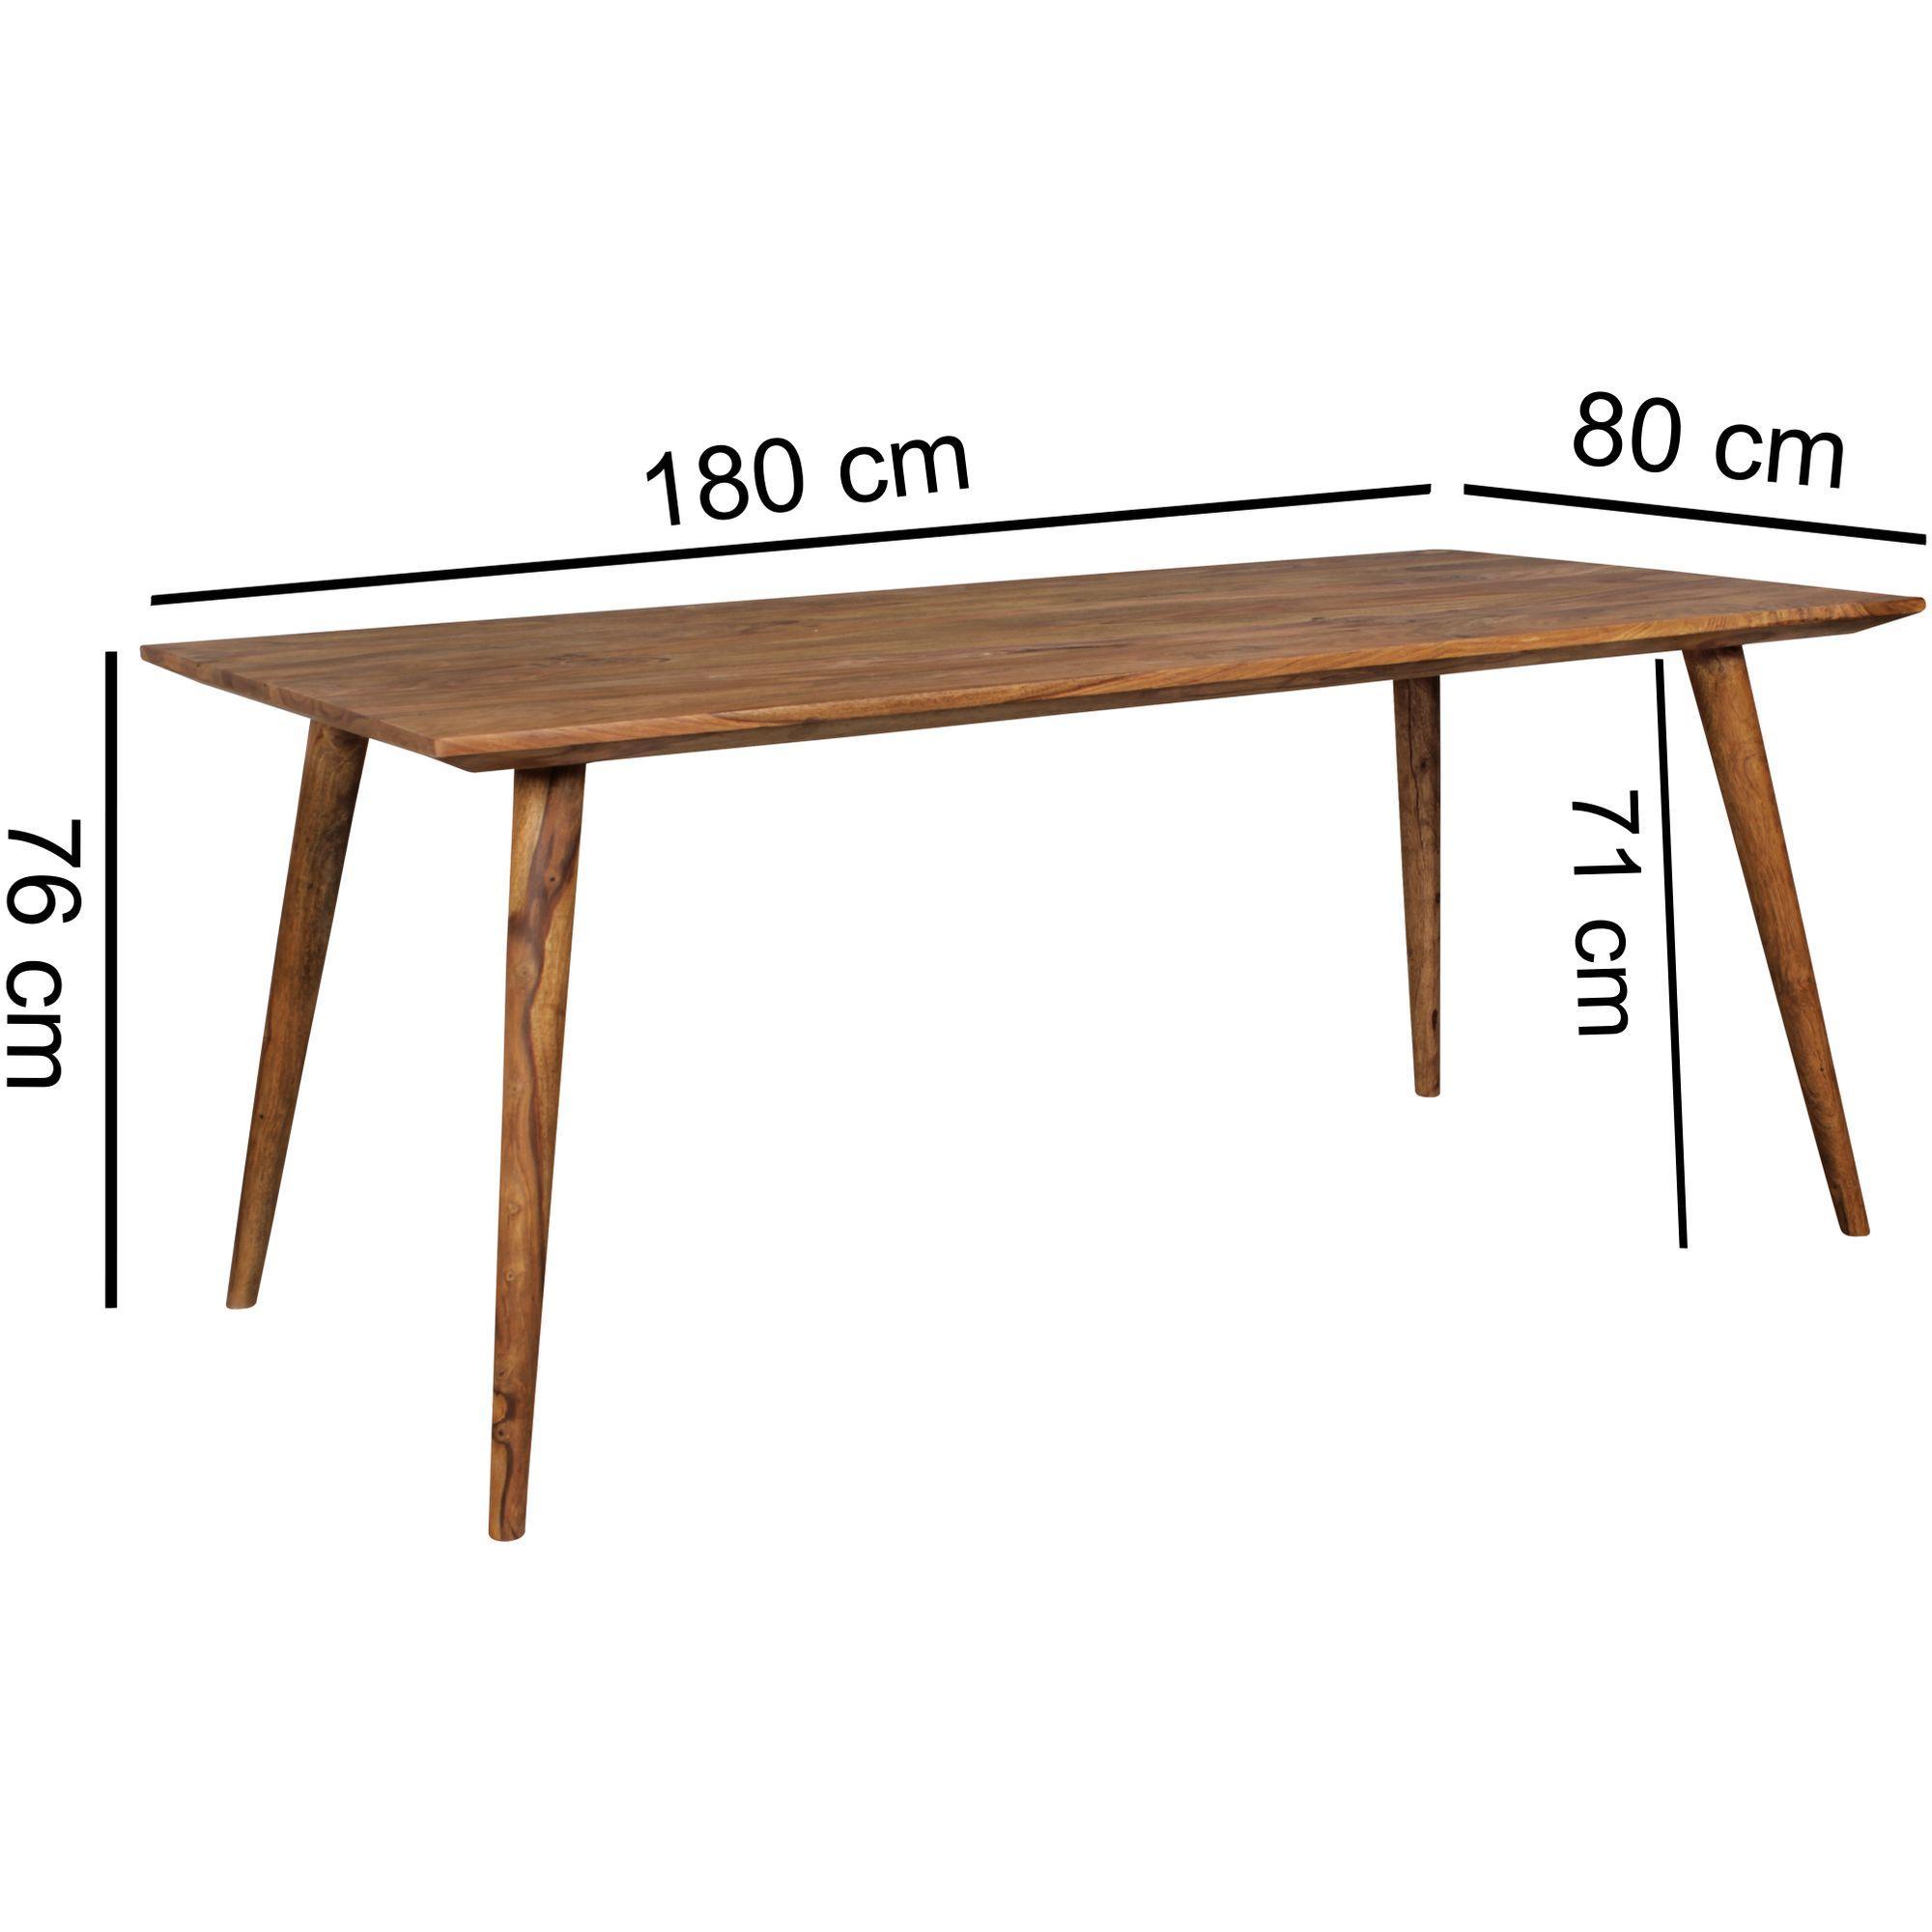 Rustikal Landhausstil Esstisch Holz